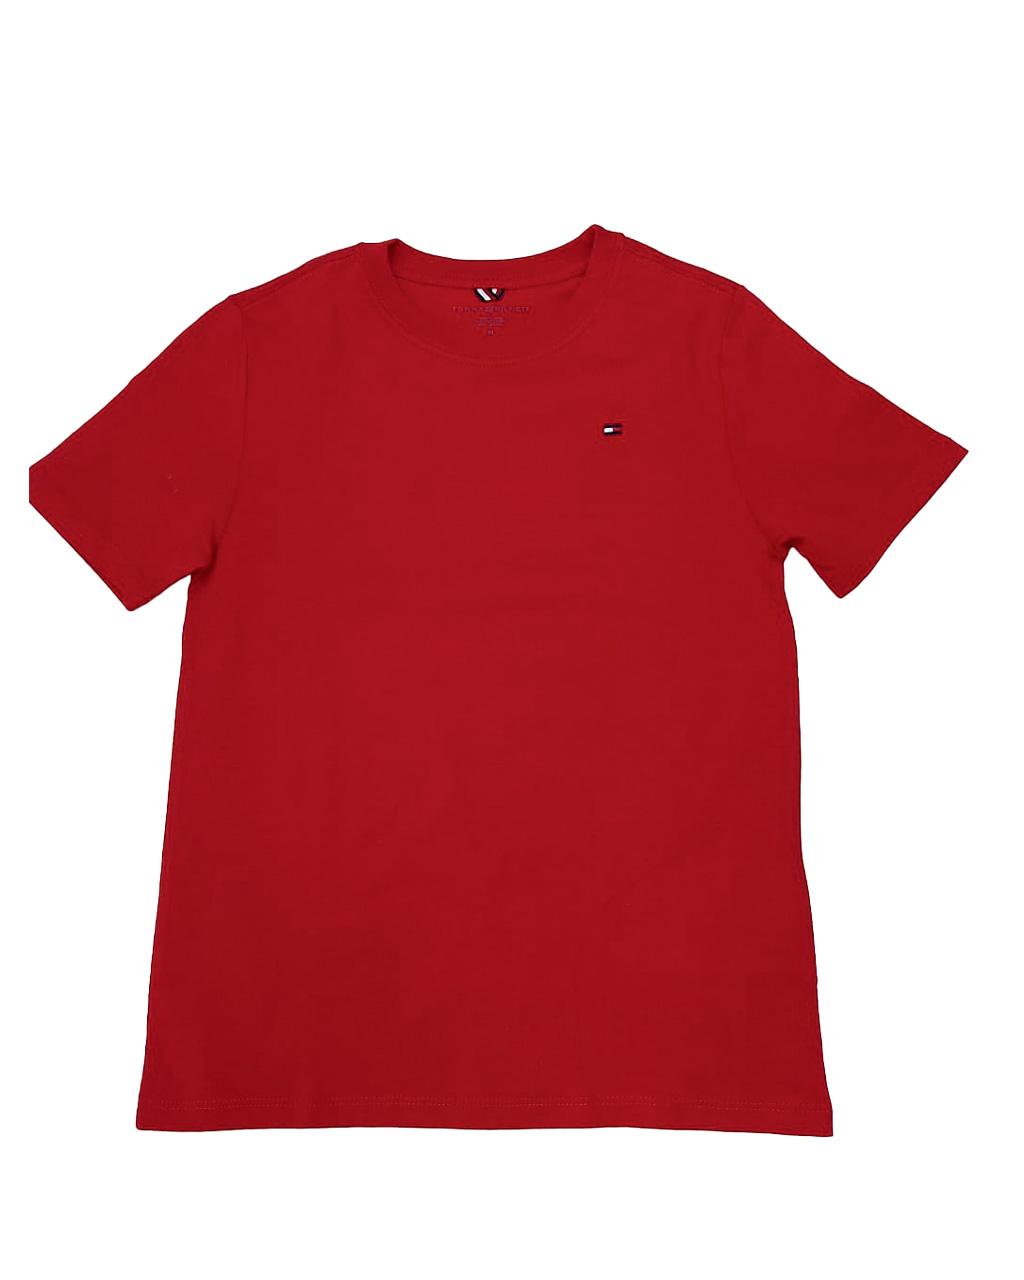 Camiseta Infantil Vermelha Tommy Hilfiger